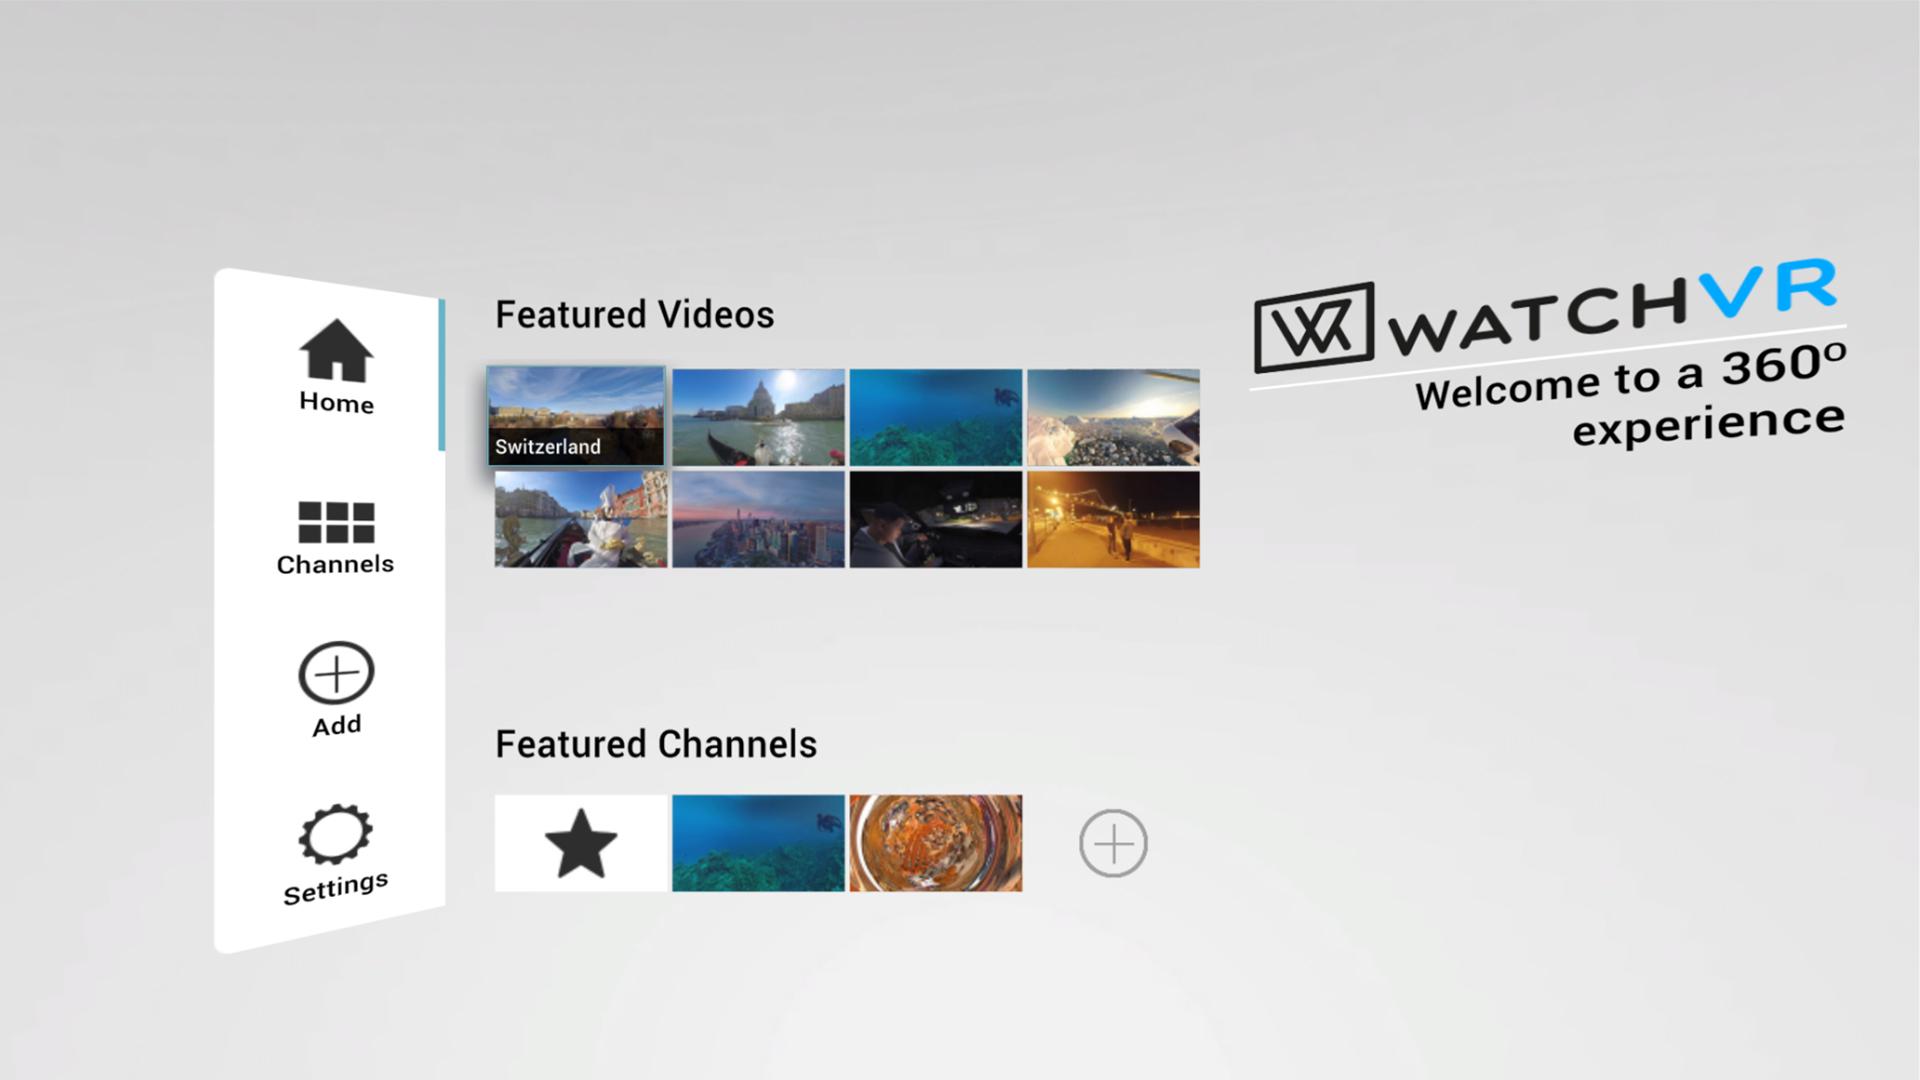 WatchVR